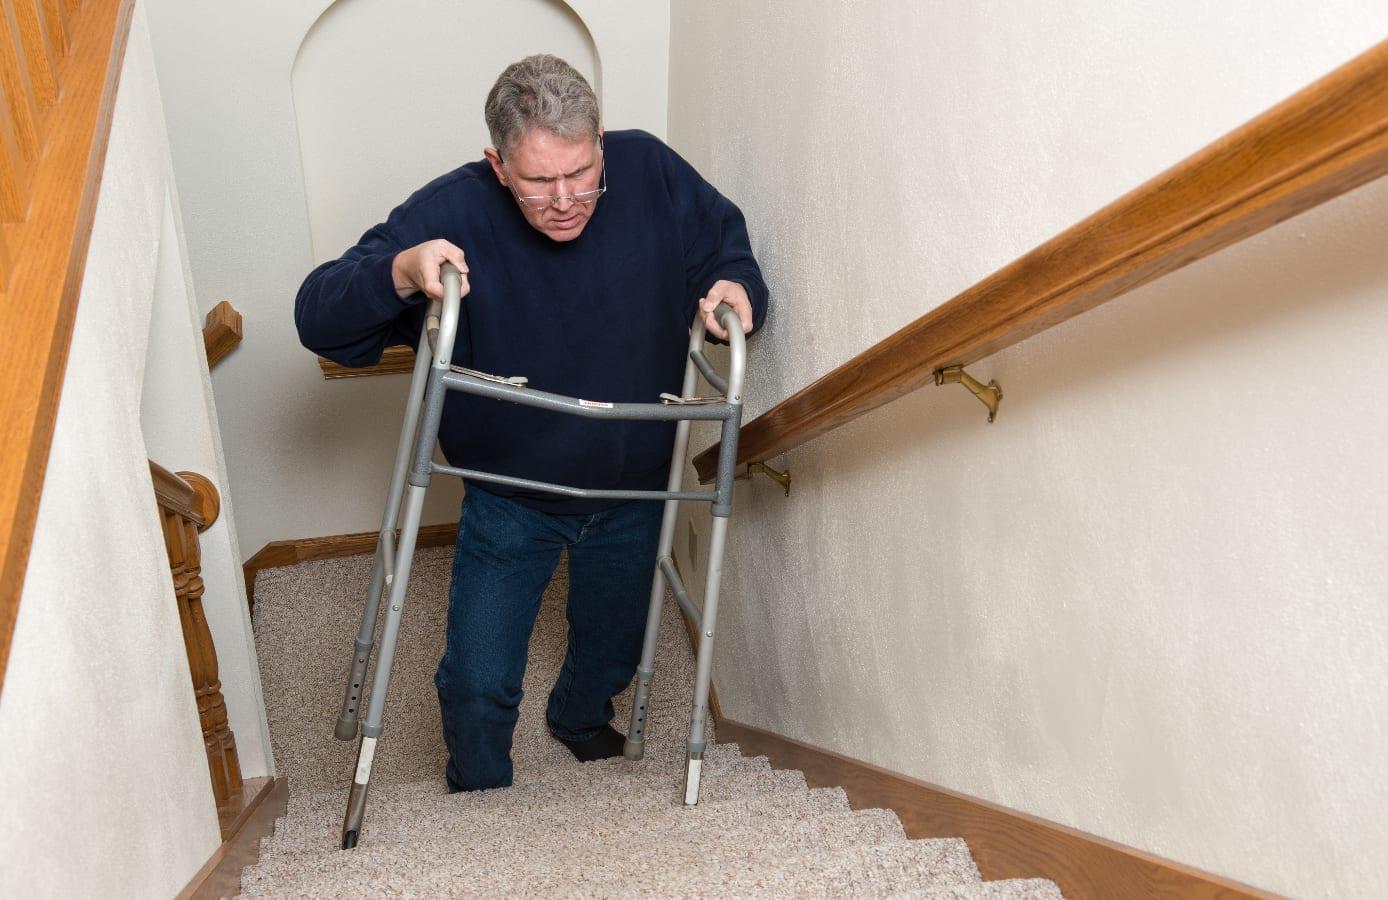 How Do I Keep My Home Safe for Seniors?